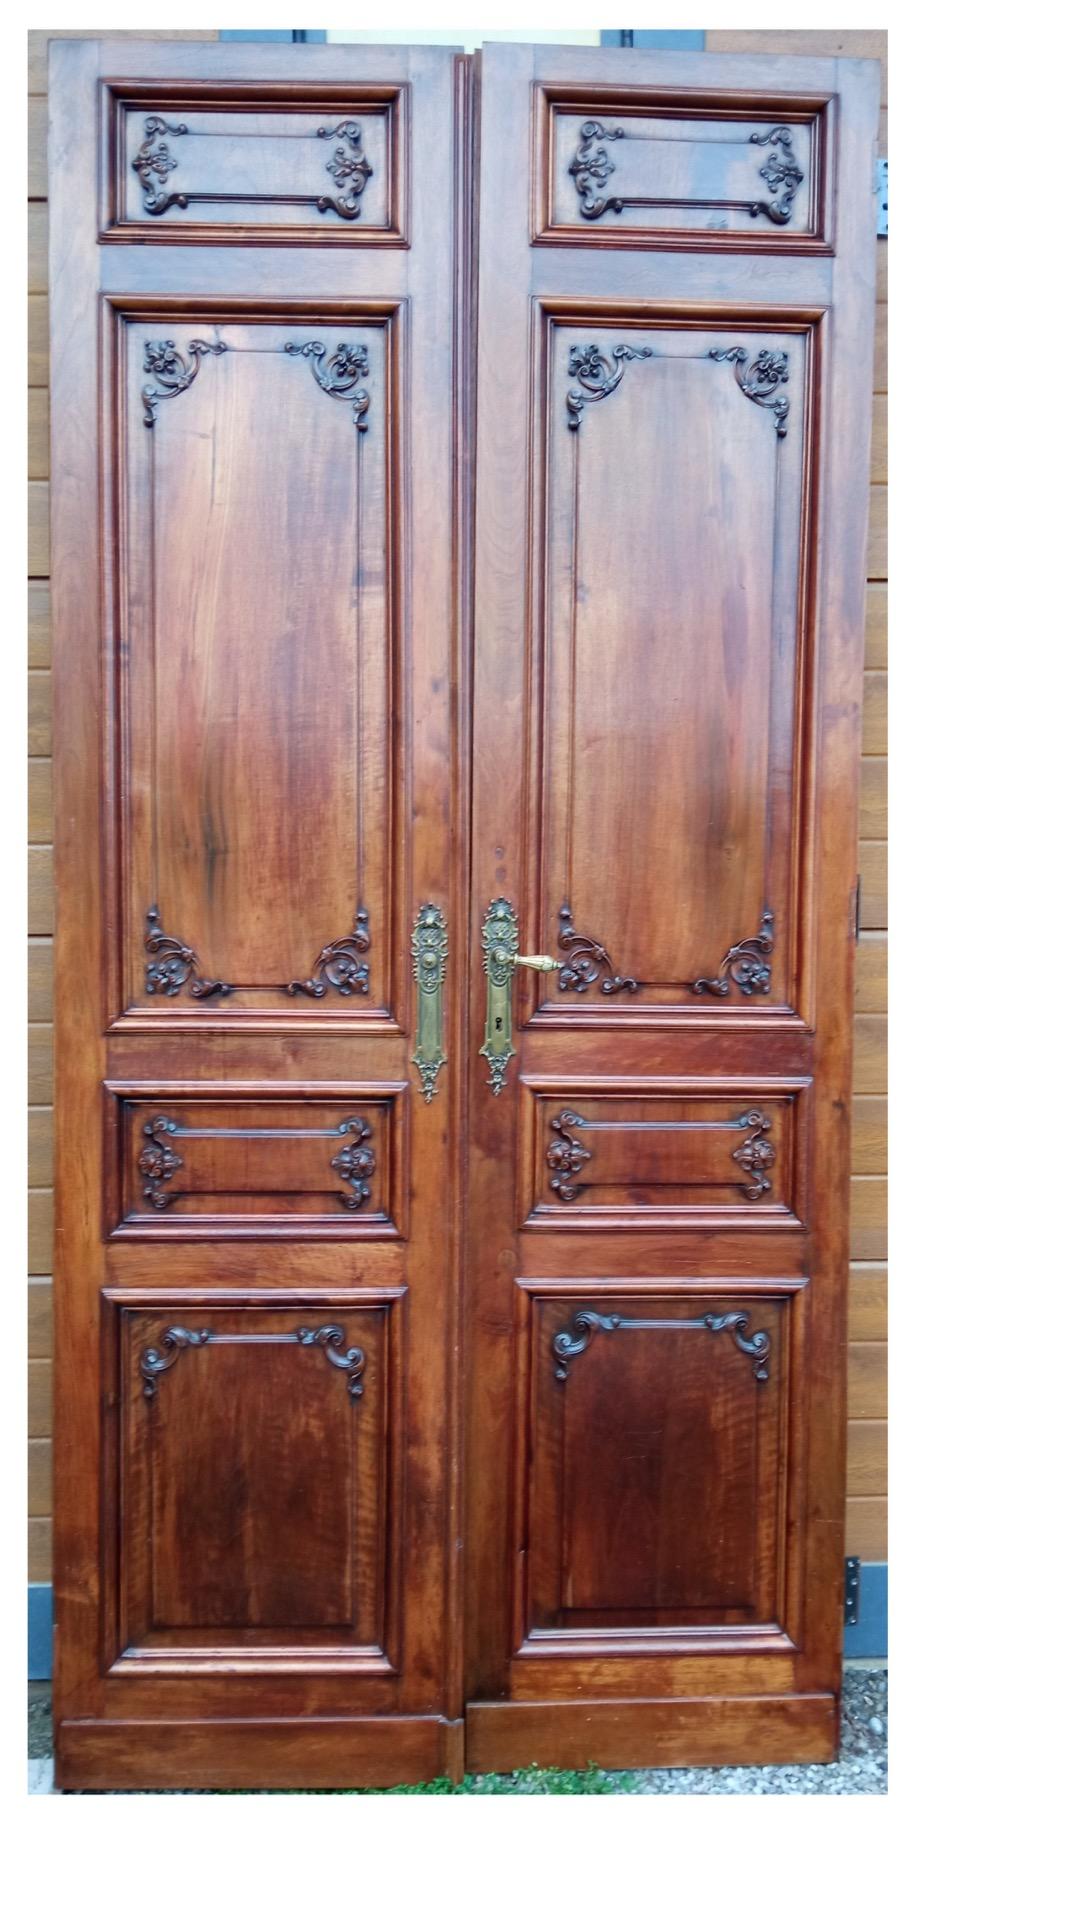 thumb2|Tür 2 Türen